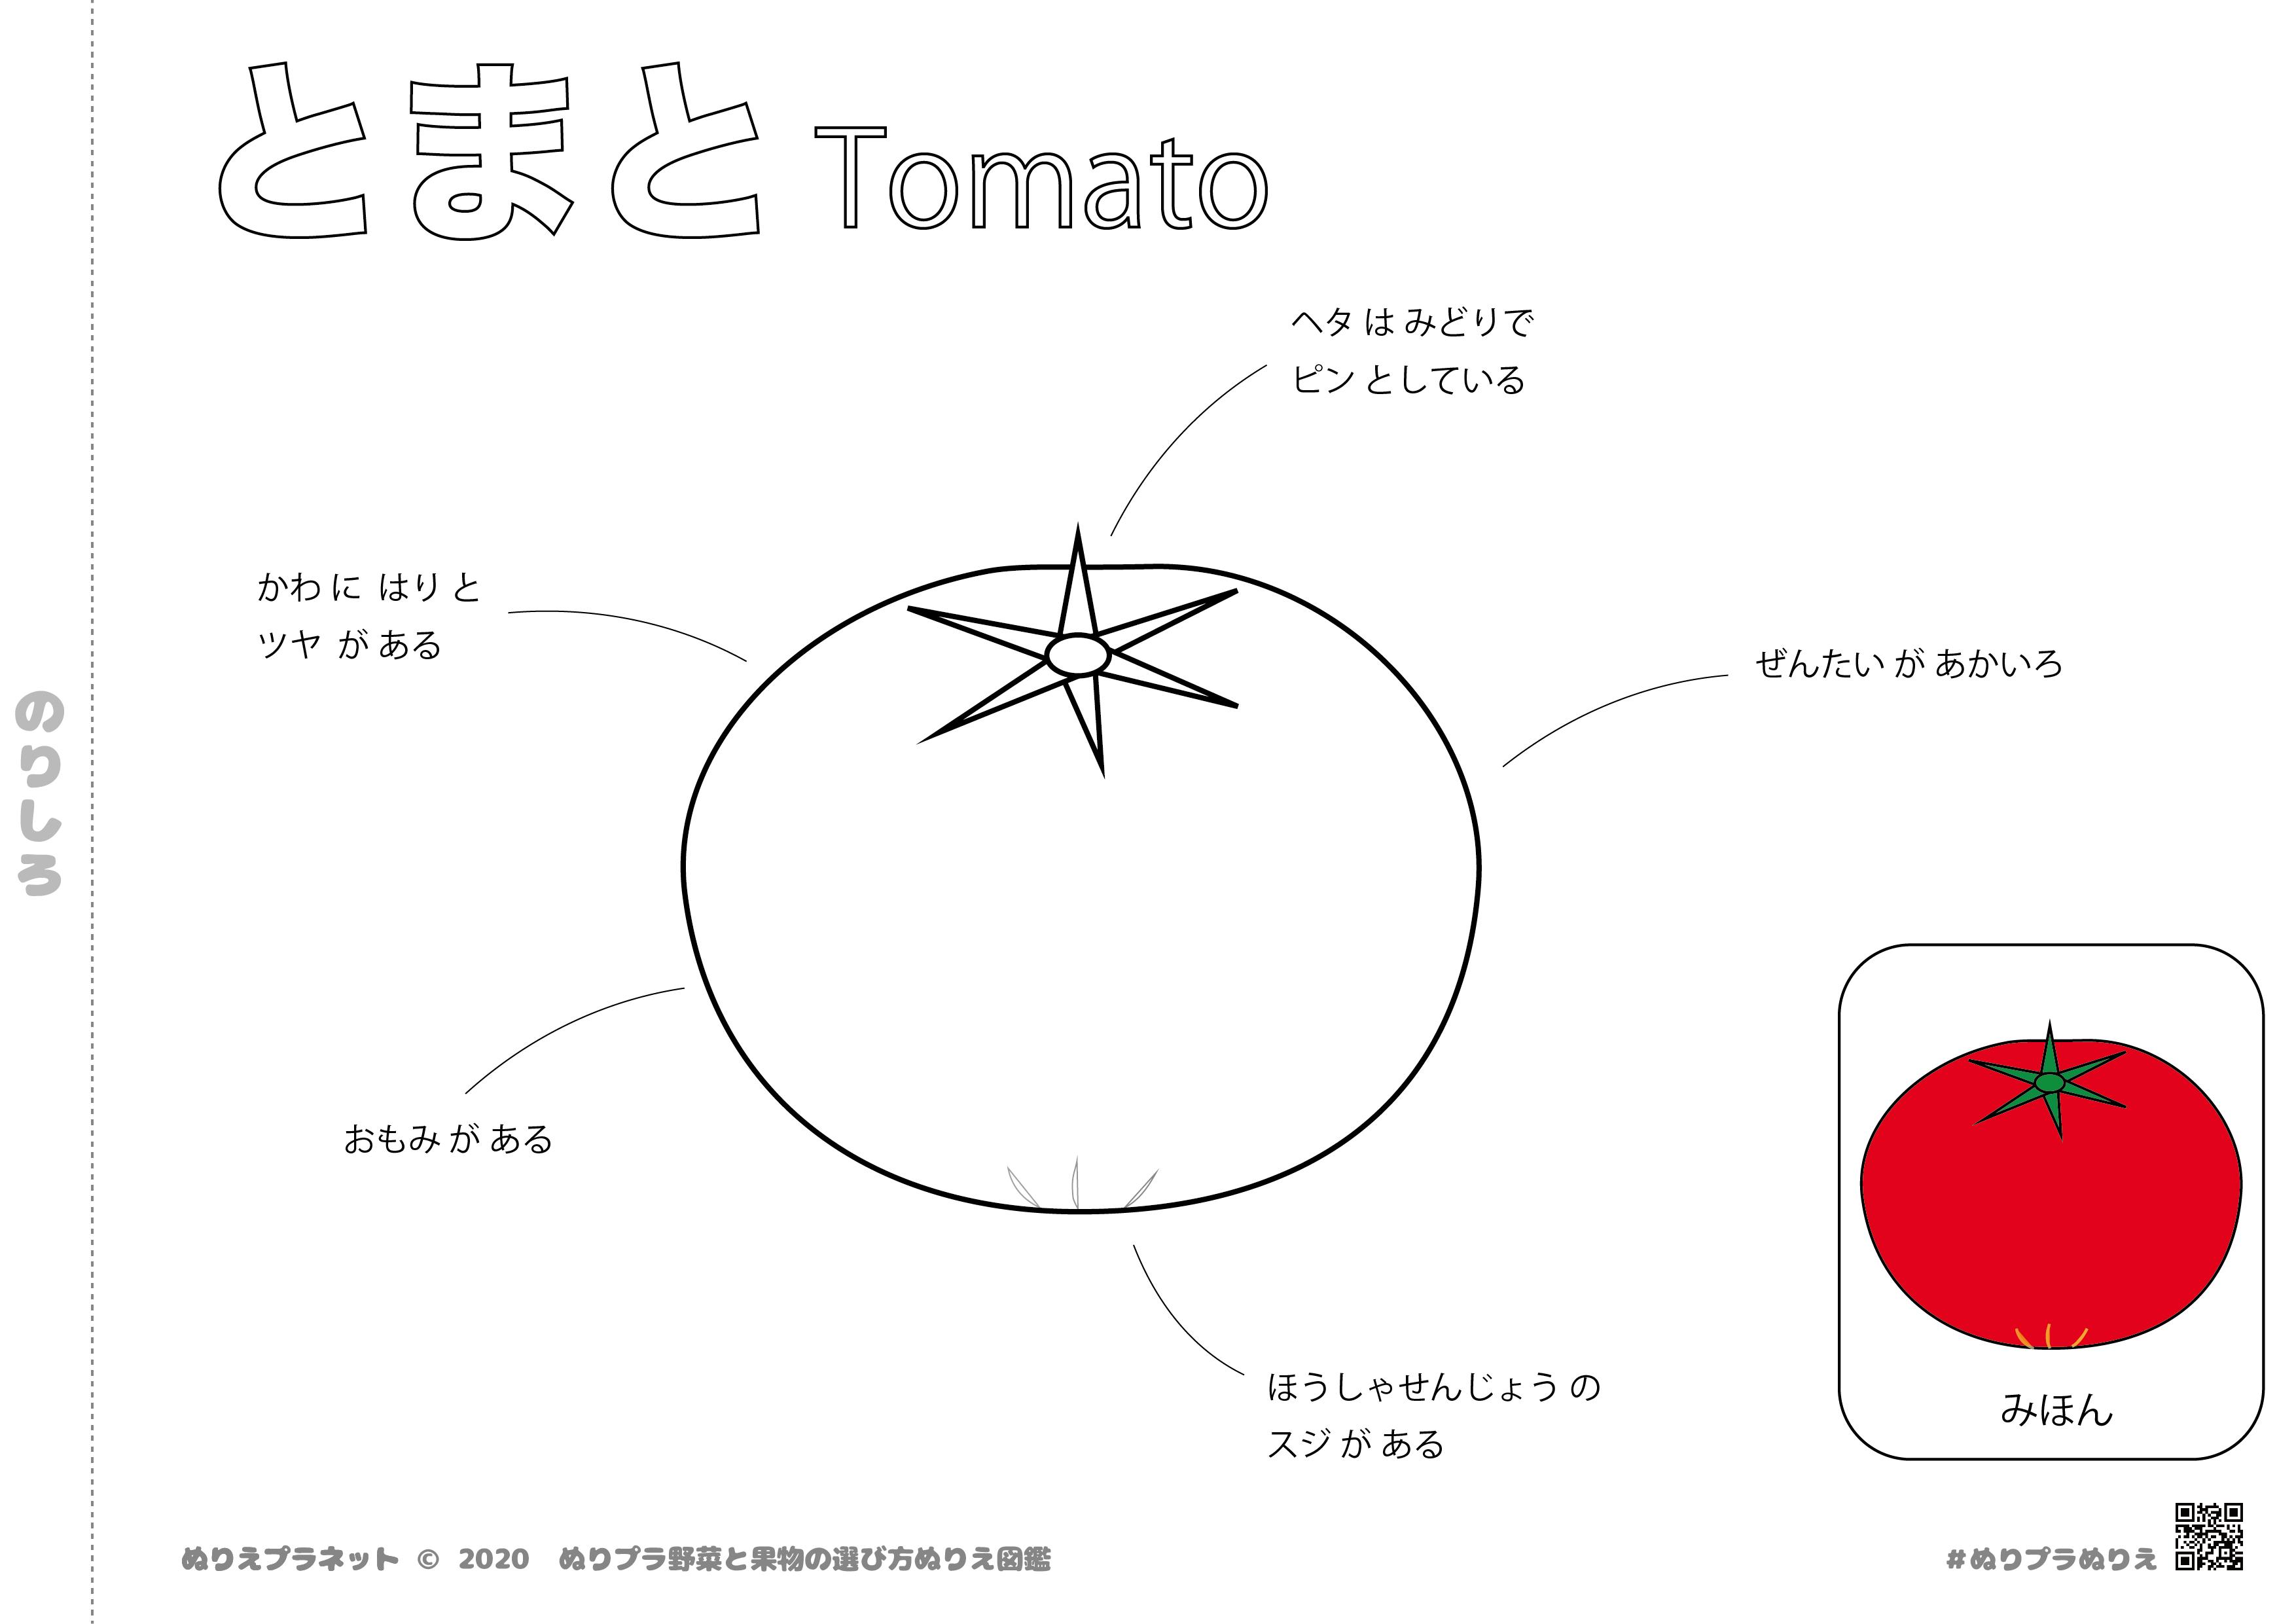 野菜と果物の選び方ぬりえ図鑑シリーズのやさい、トマトです。